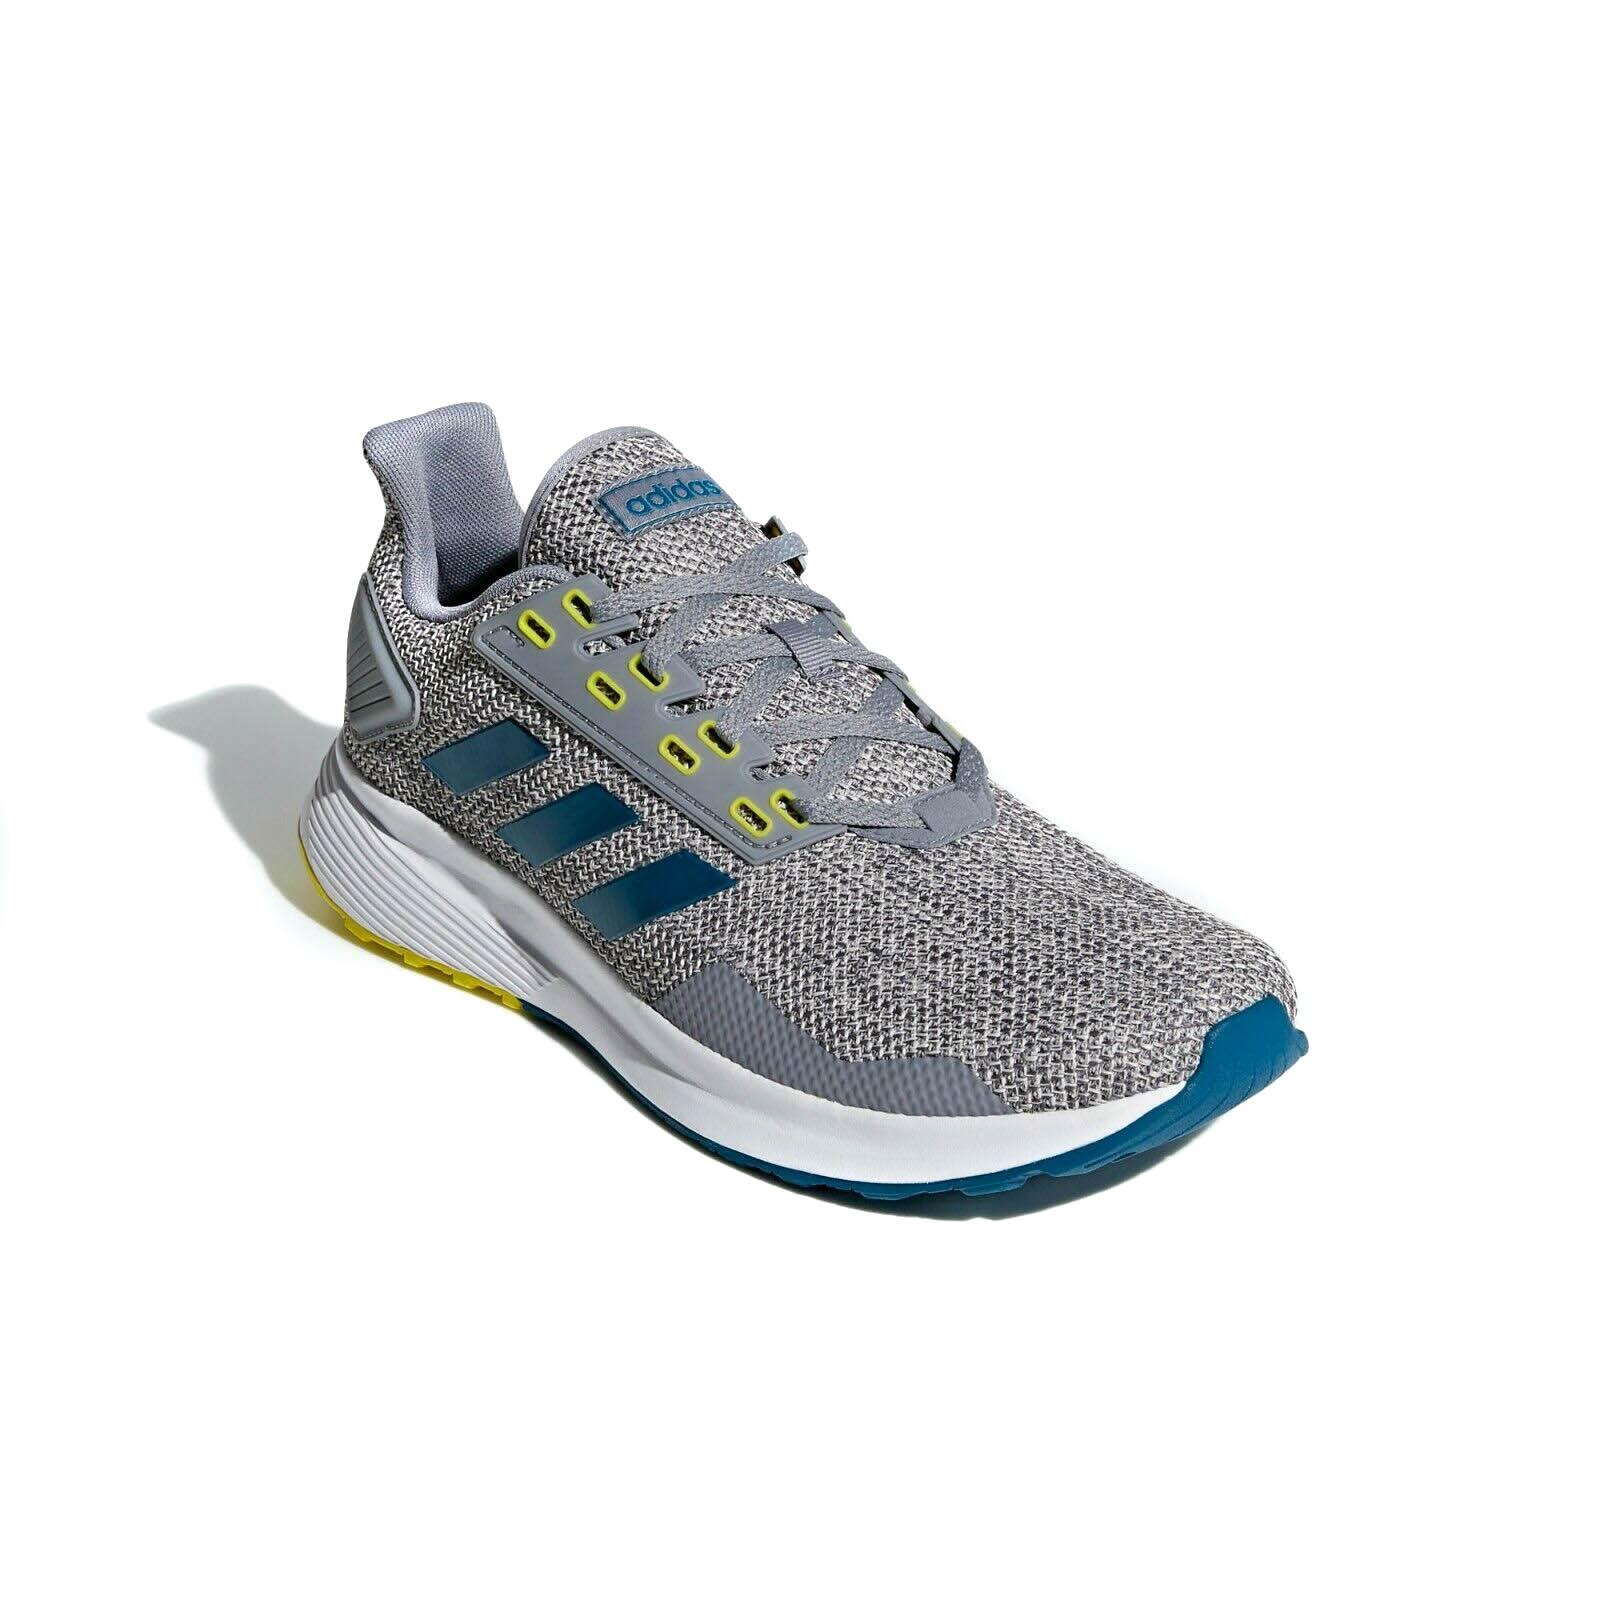 Tênis Adidas Duramo 9 Masculino Cinza e Azul